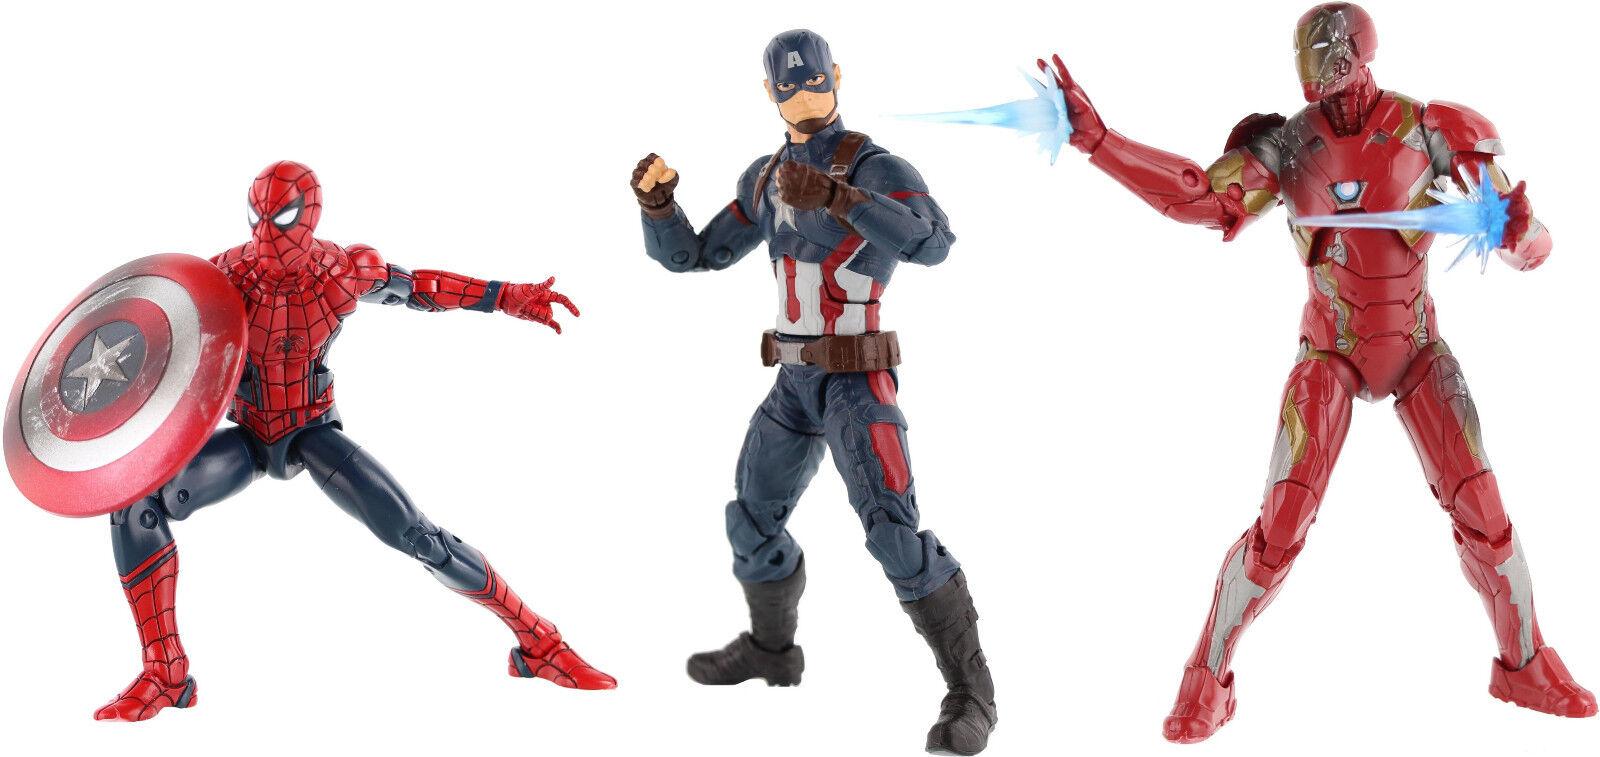 Captain america brgerkrieg marvel - legenden, spider - man, captain america und iron man